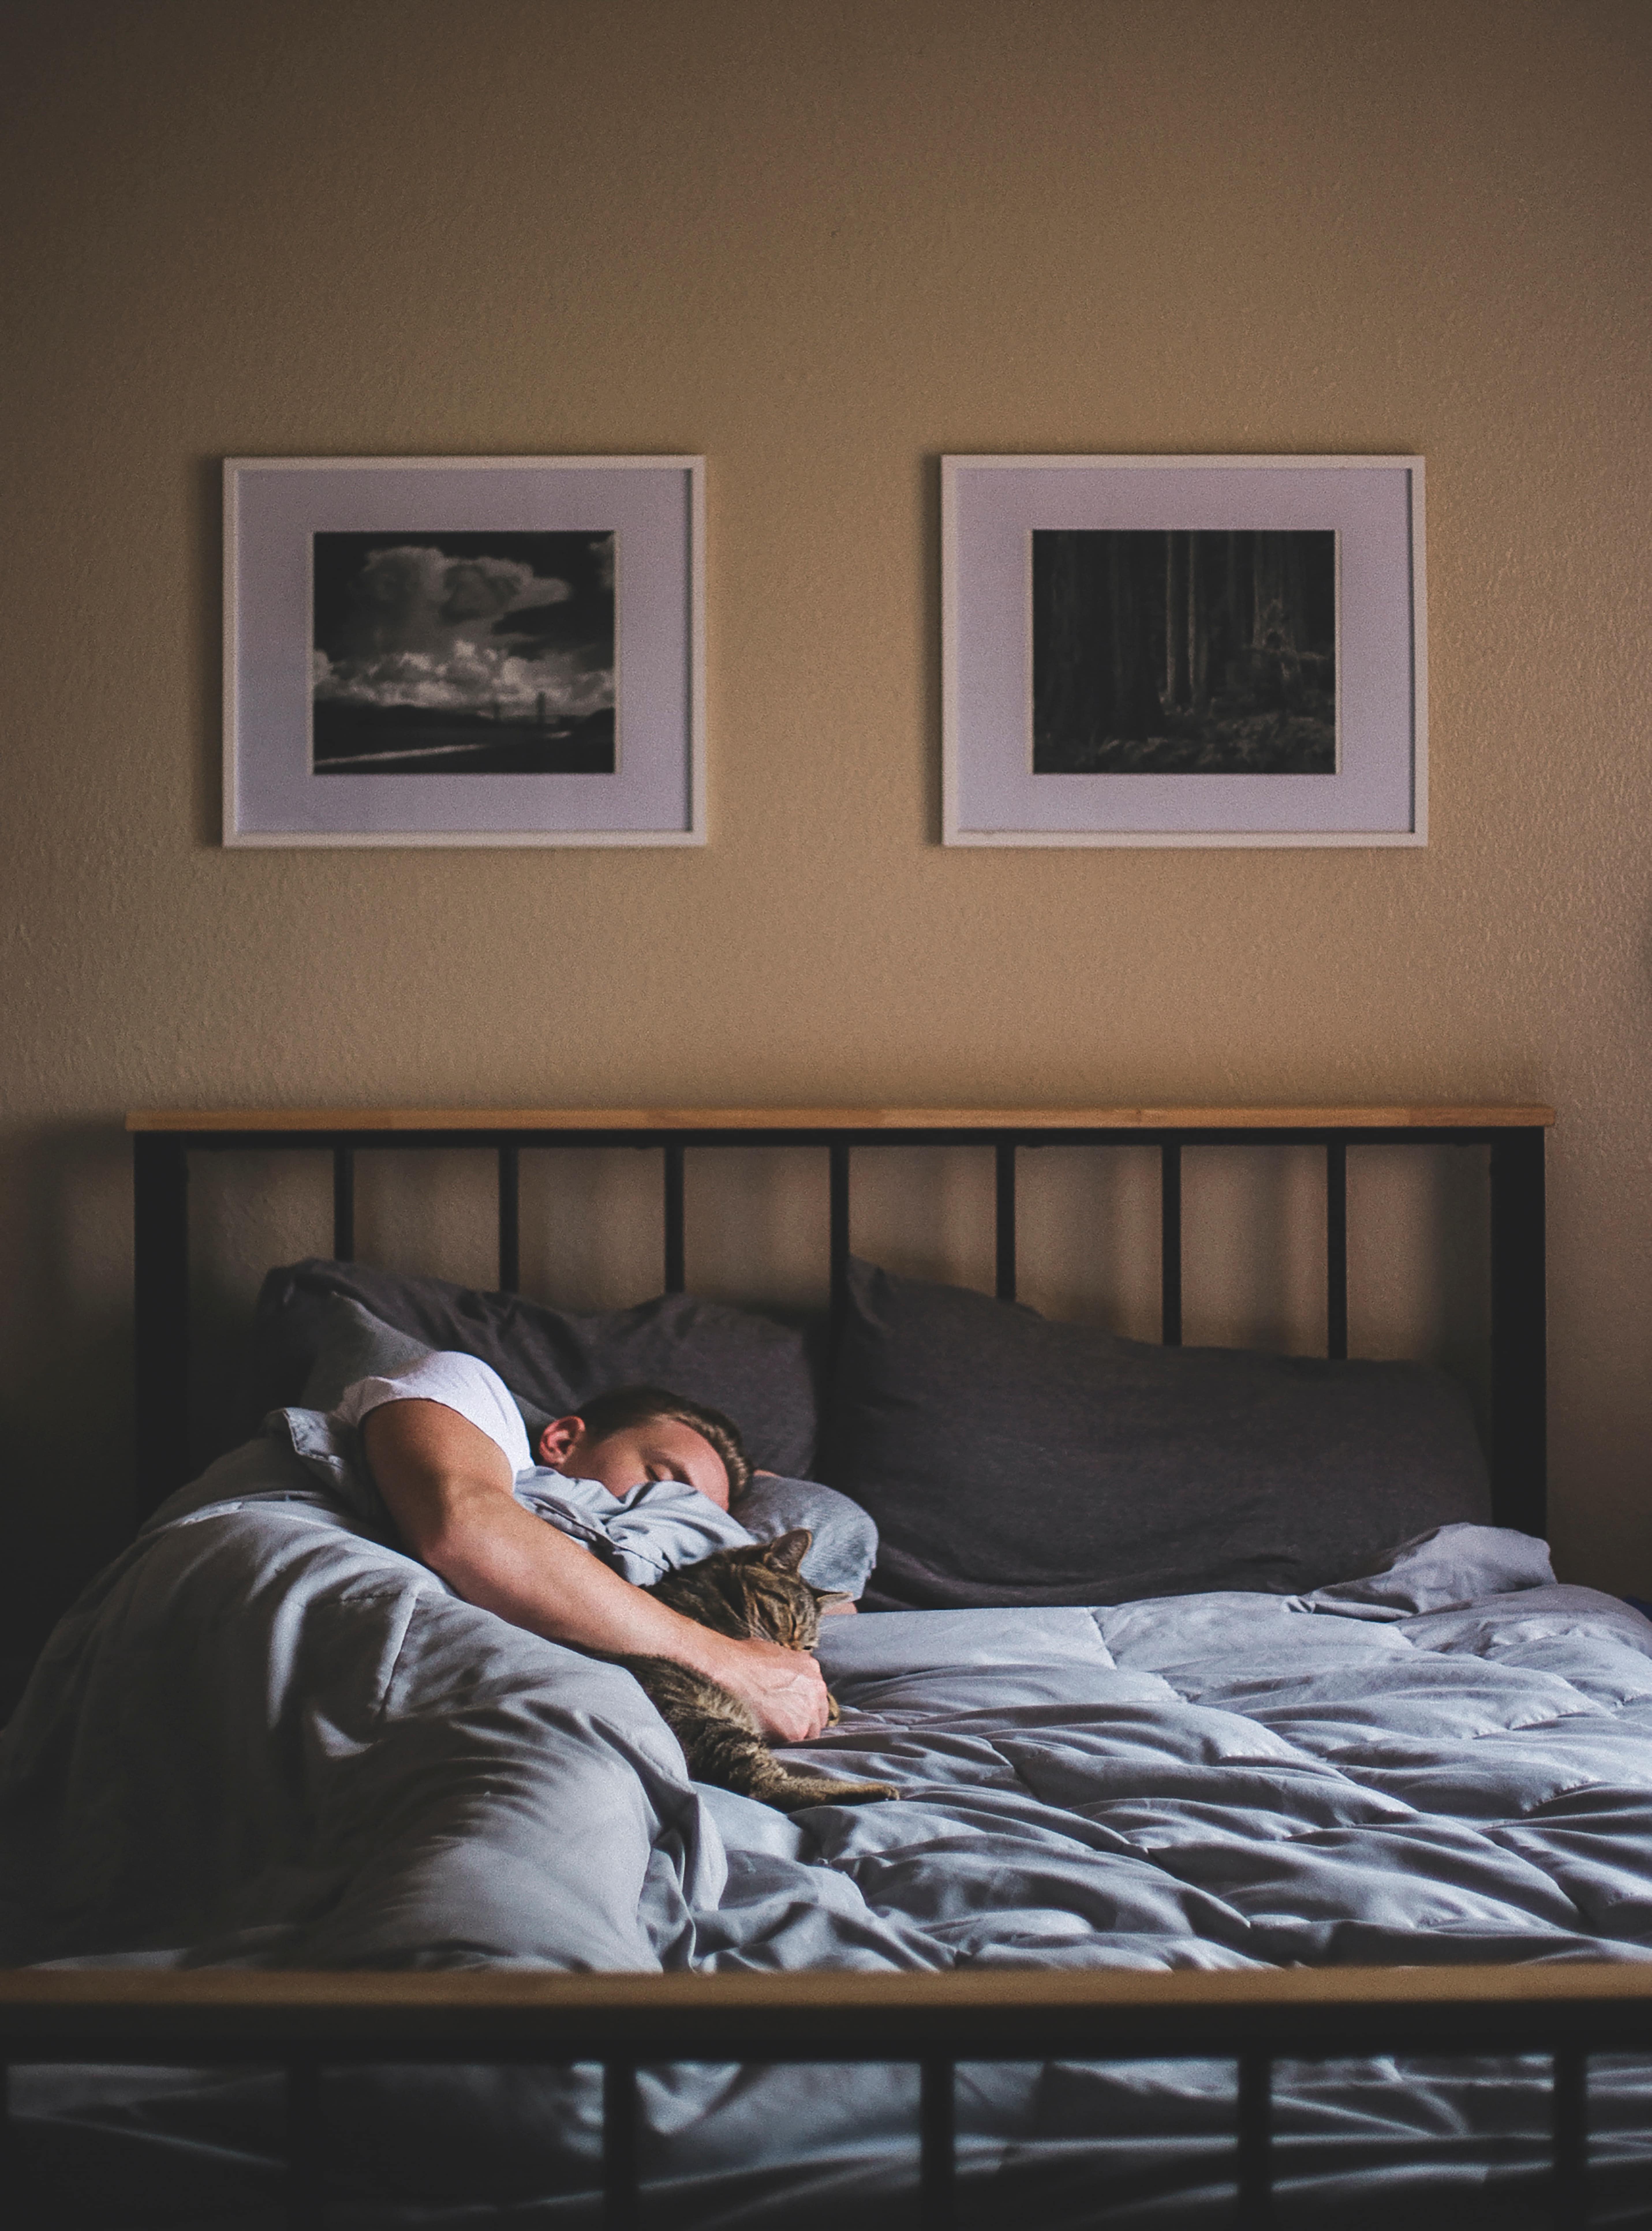 Scopri i 10 metodi naturali per migliorare il sonno